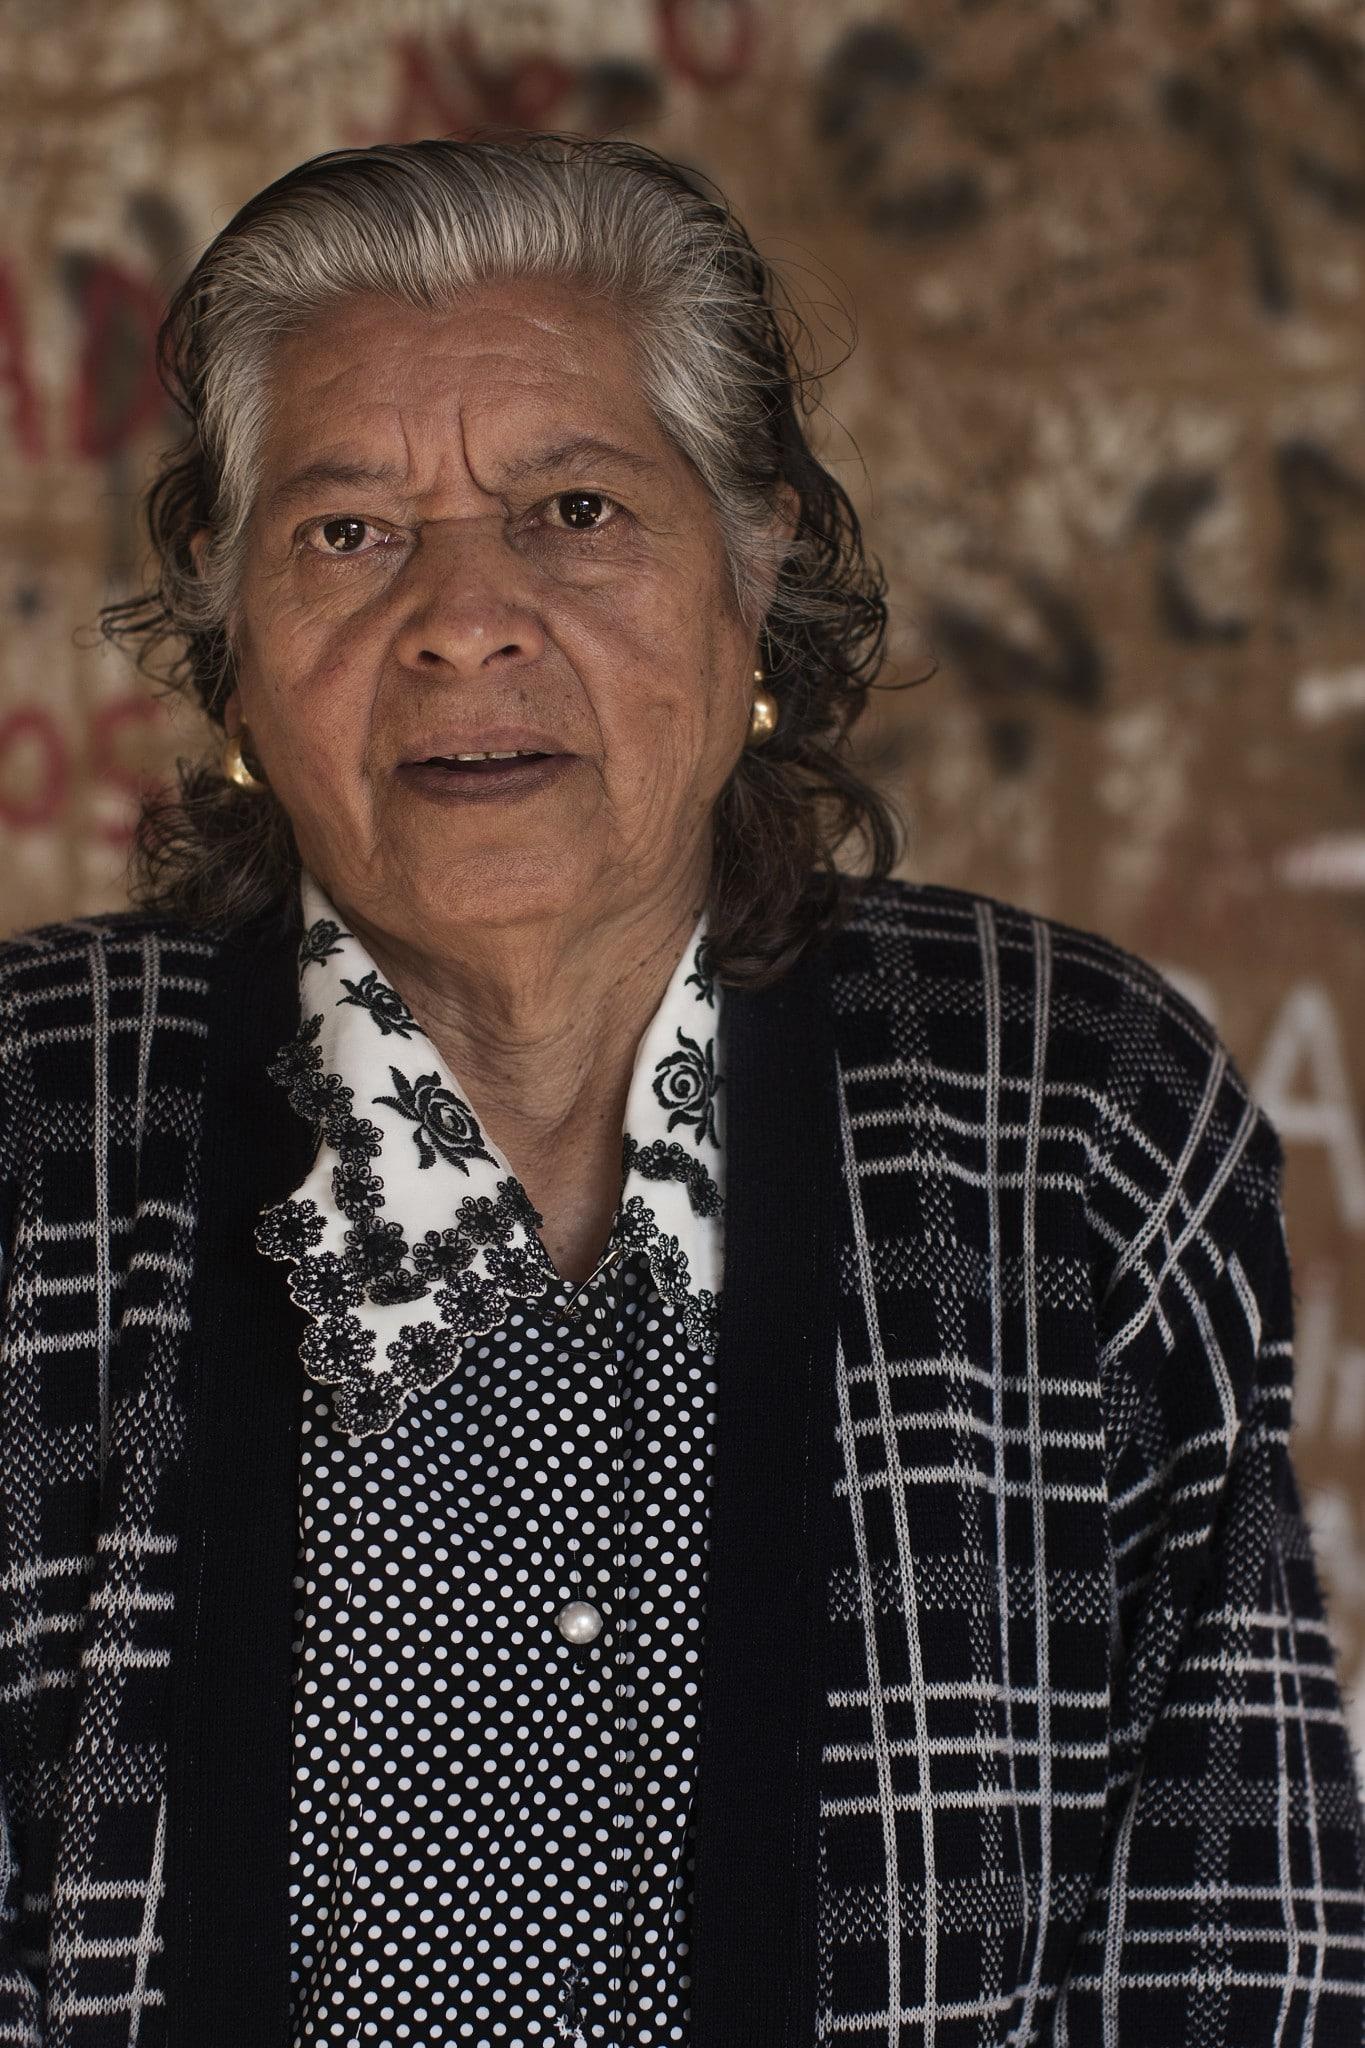 Fotograf og fotojournalist Jens Panduros billeder af Susana Osinaga.